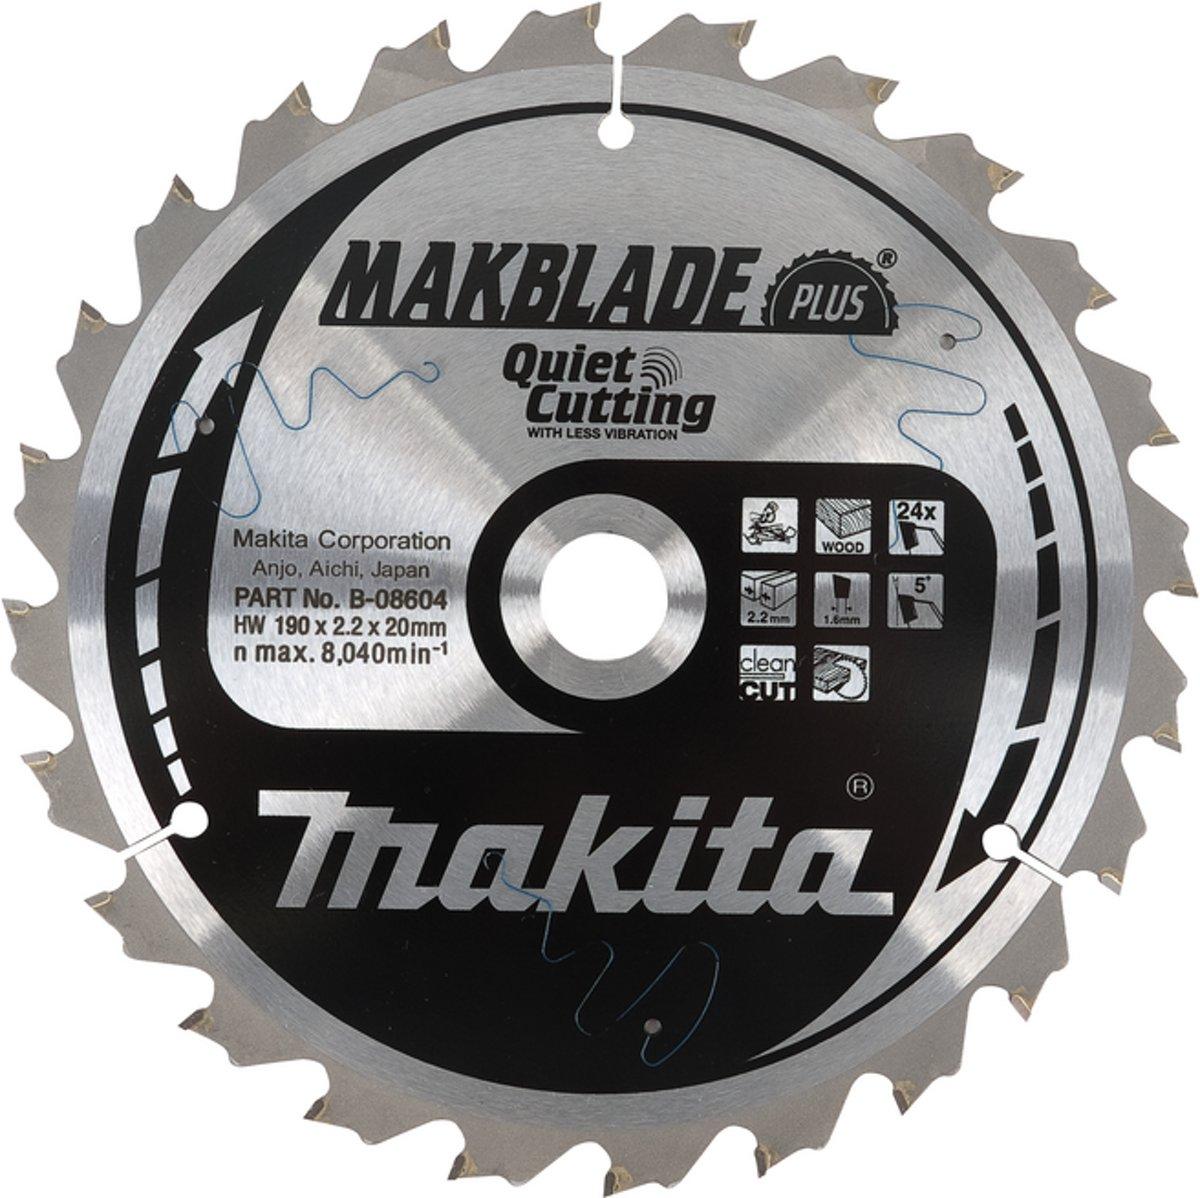 Makita B-08660 Zaagblad q&c 305 millimeter MAK-B-08660